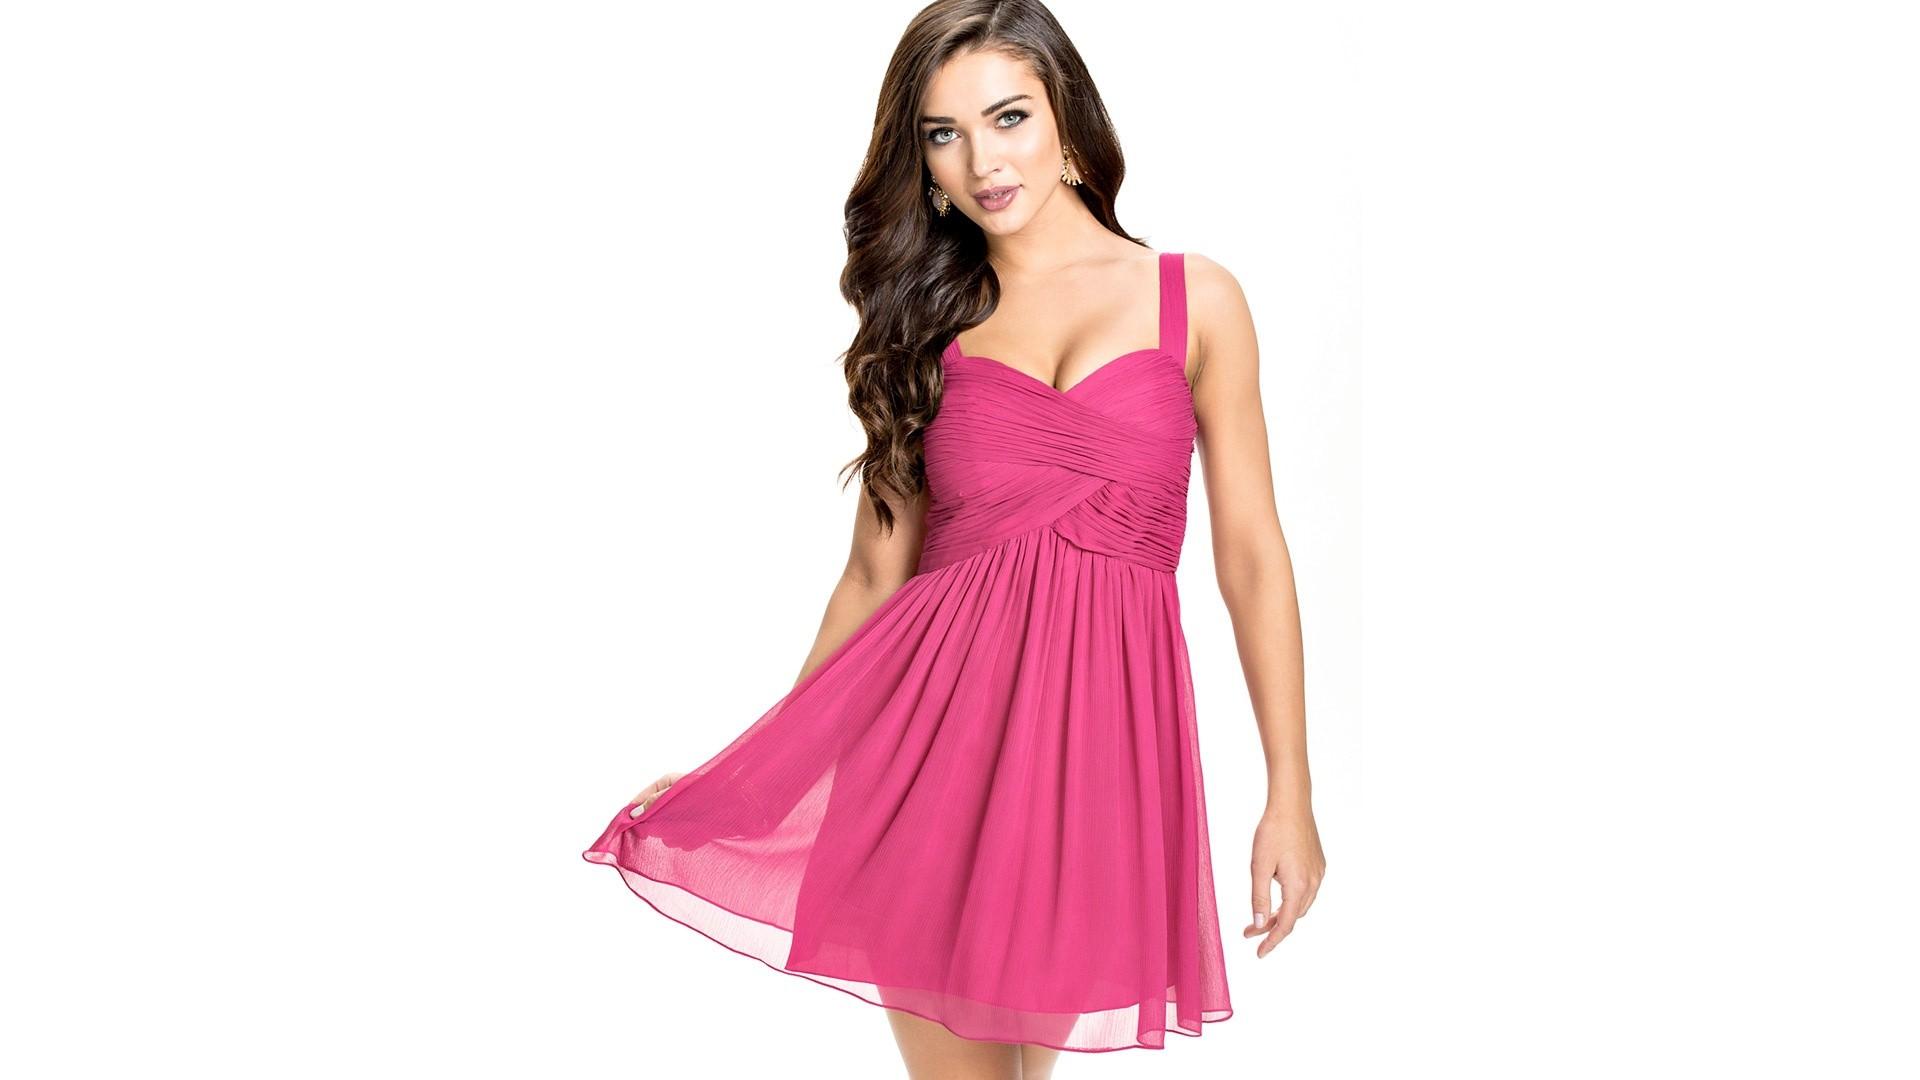 Fondos de pantalla : mujer, vestir, patrón, melocotón, rosado, ropa ...